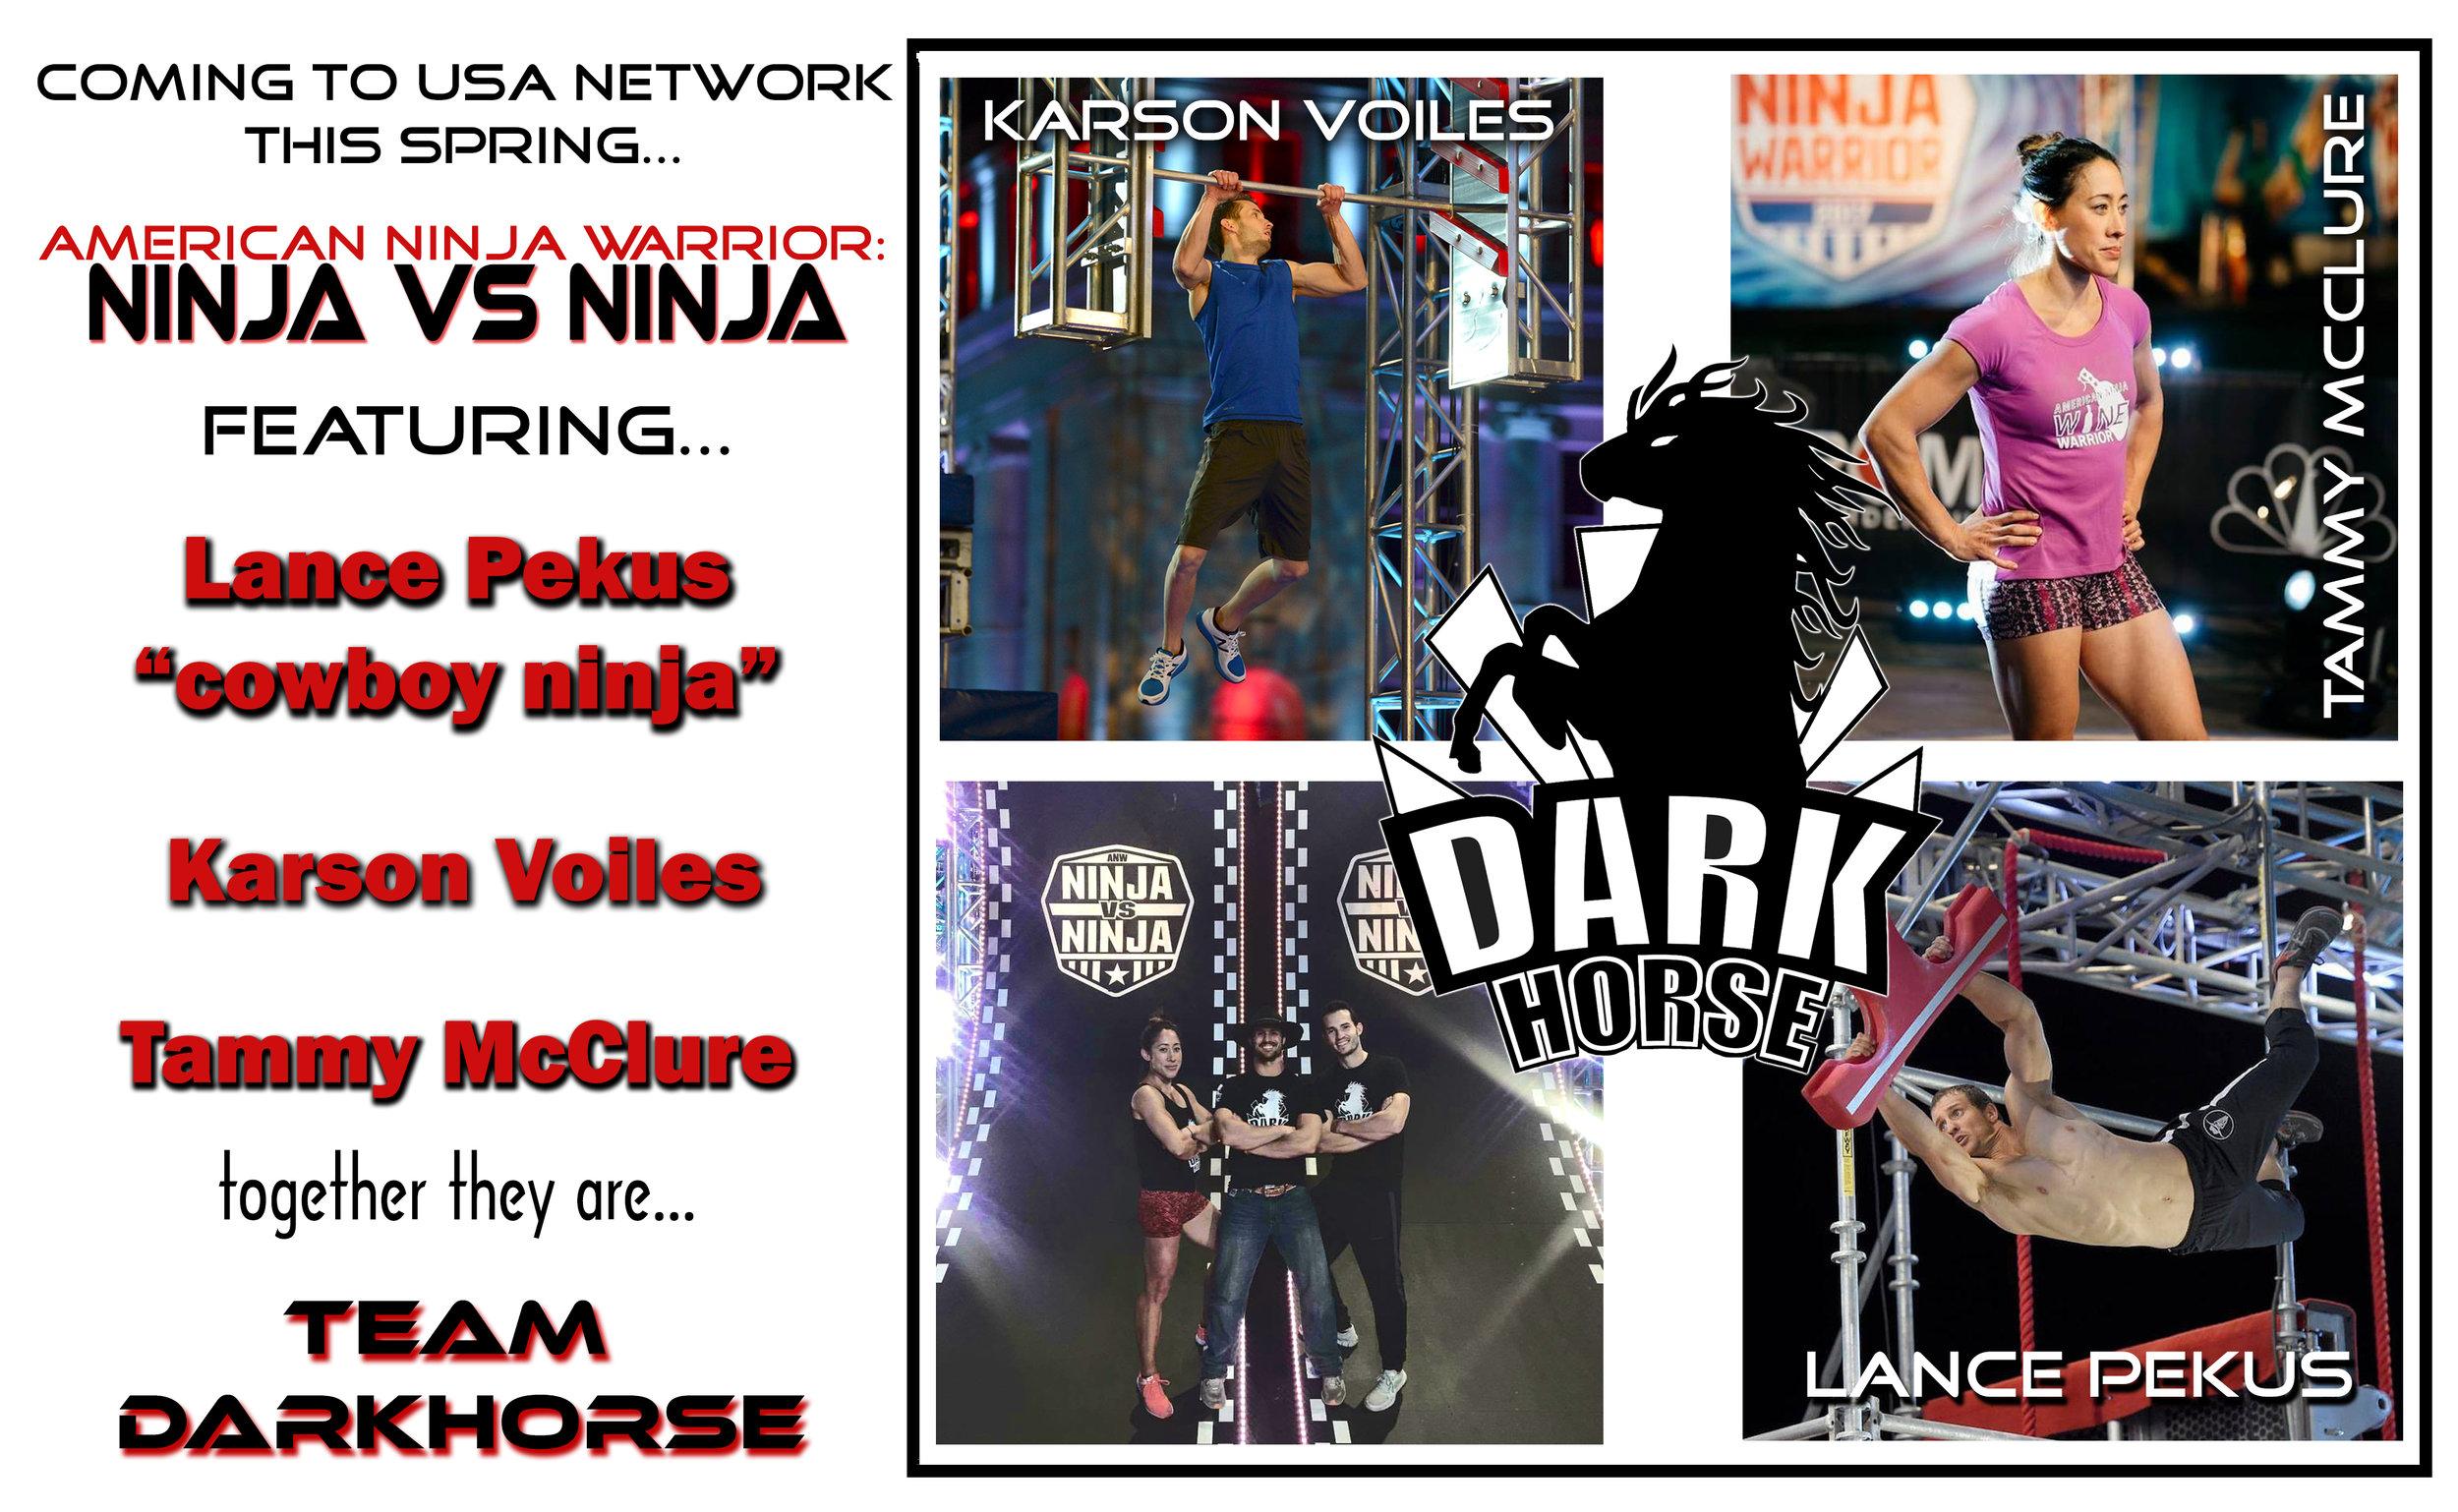 team darkhorse.jpg